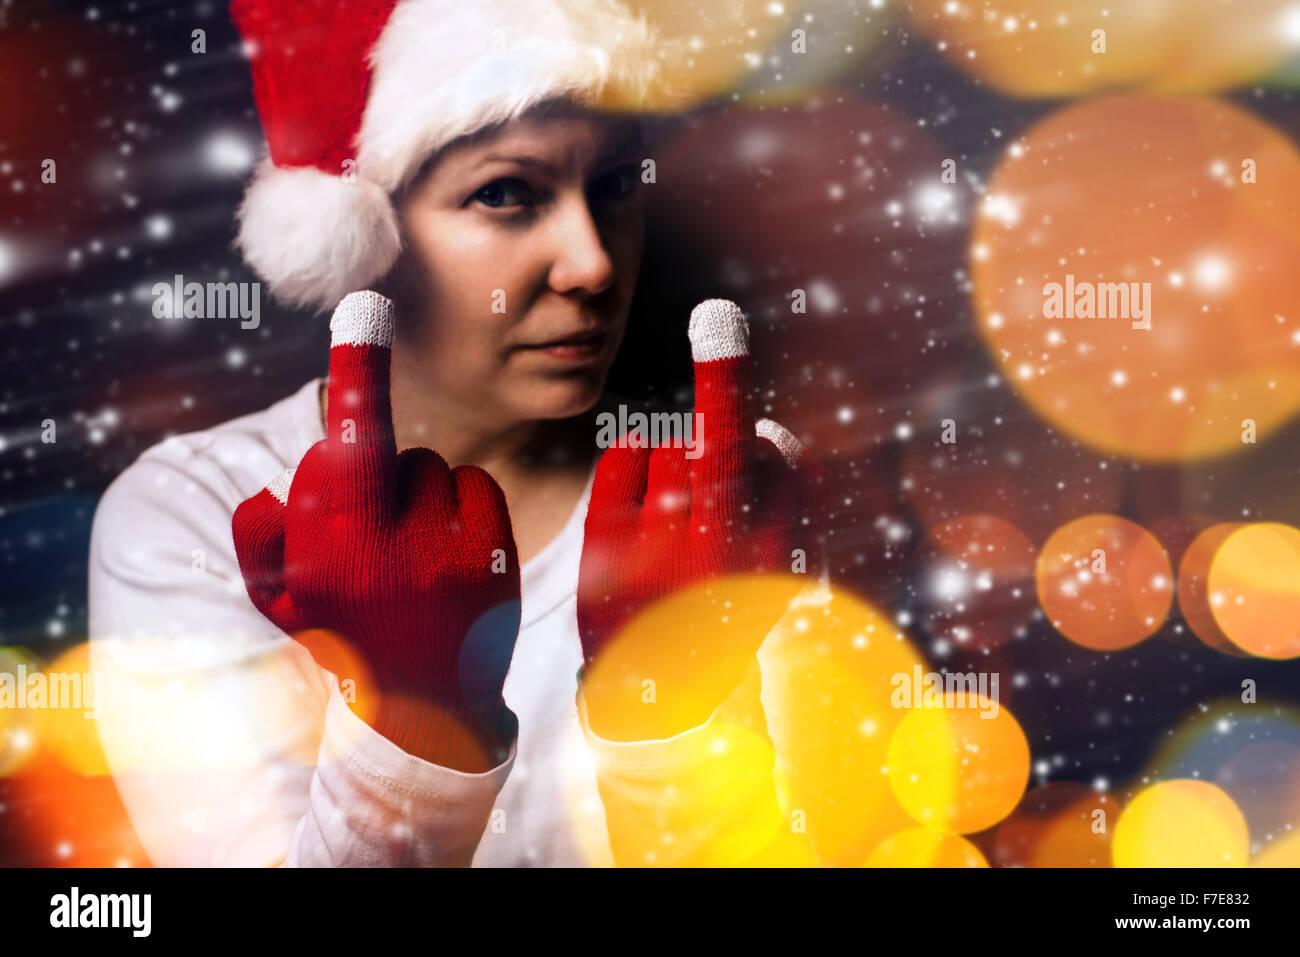 Weihnachtsgeschenk wird Ende dieses Jahres, junge Frau in Santa ...